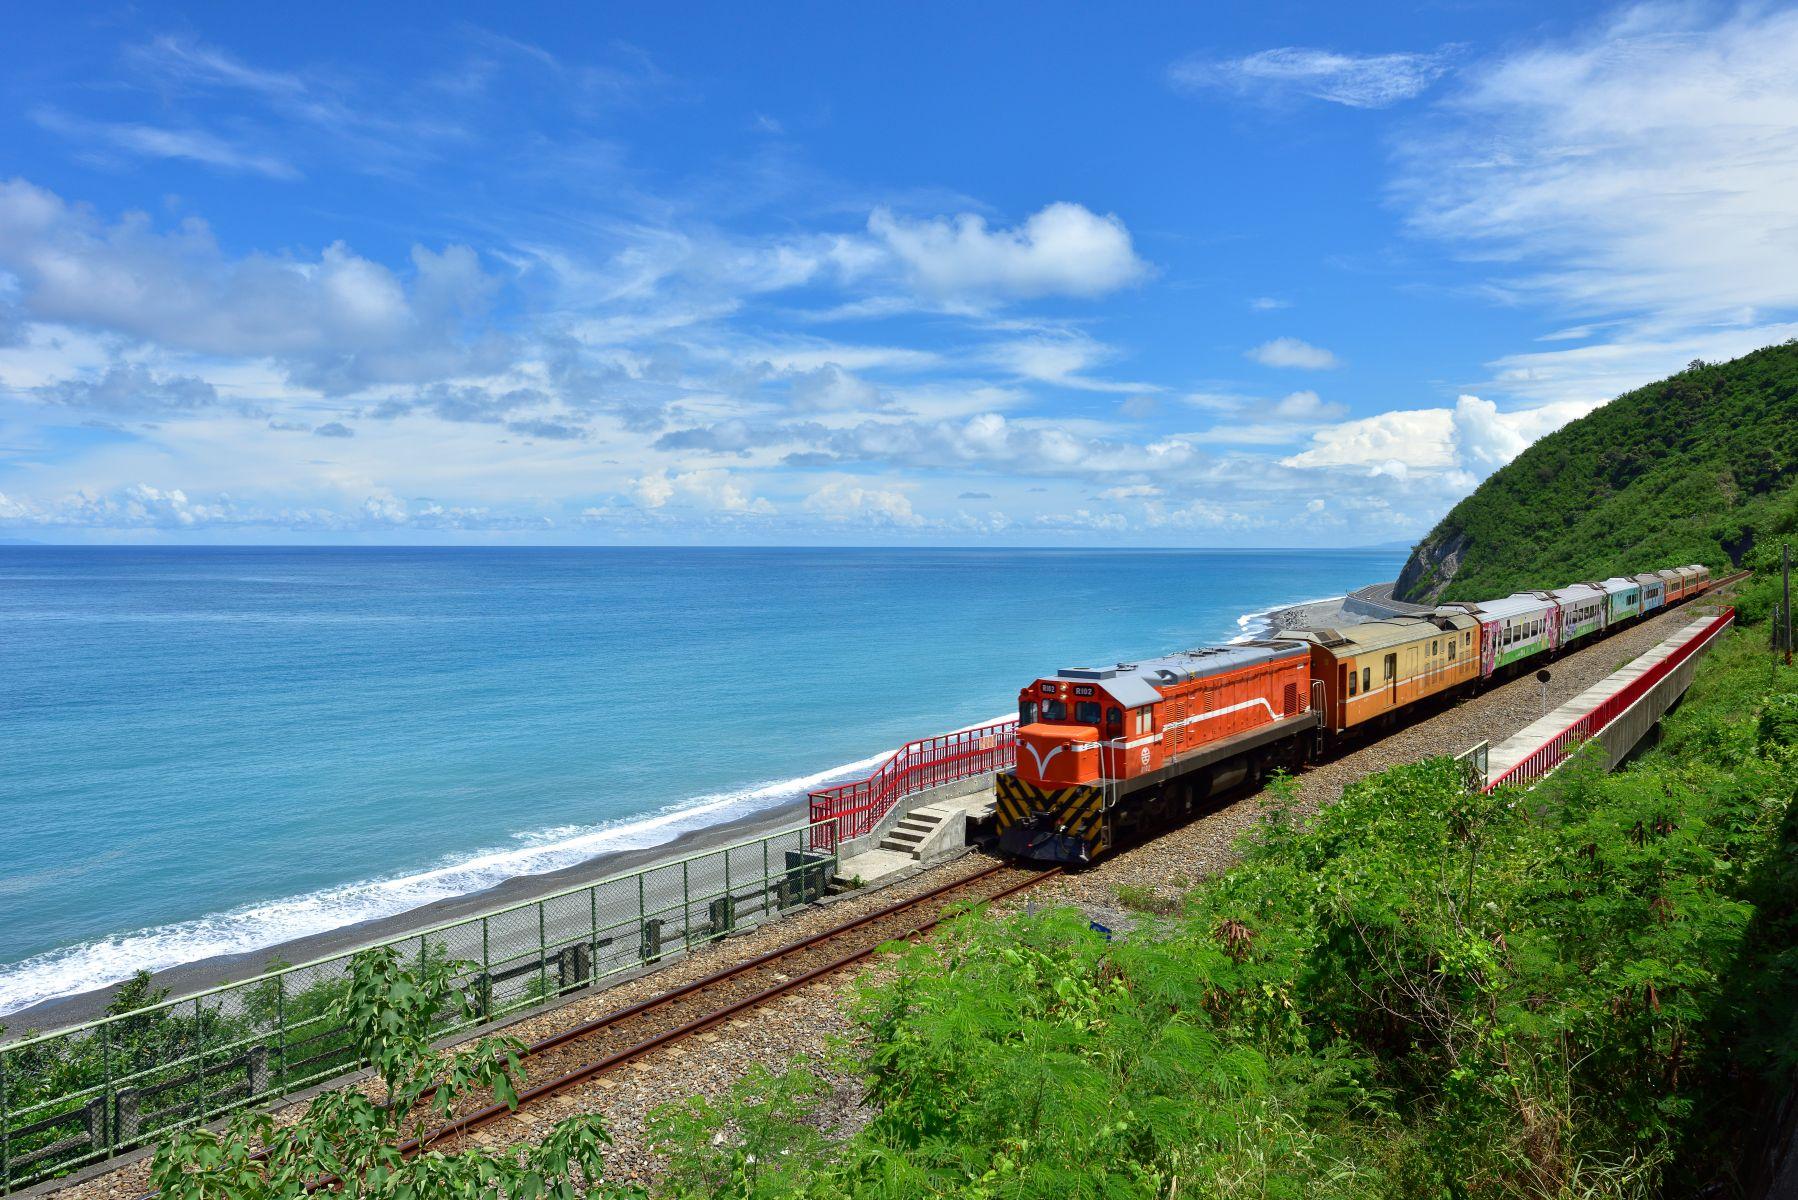 覺得台灣旅遊越來越無聊?外國旅人力推的在地體驗,可能連土生土長的你都沒玩過